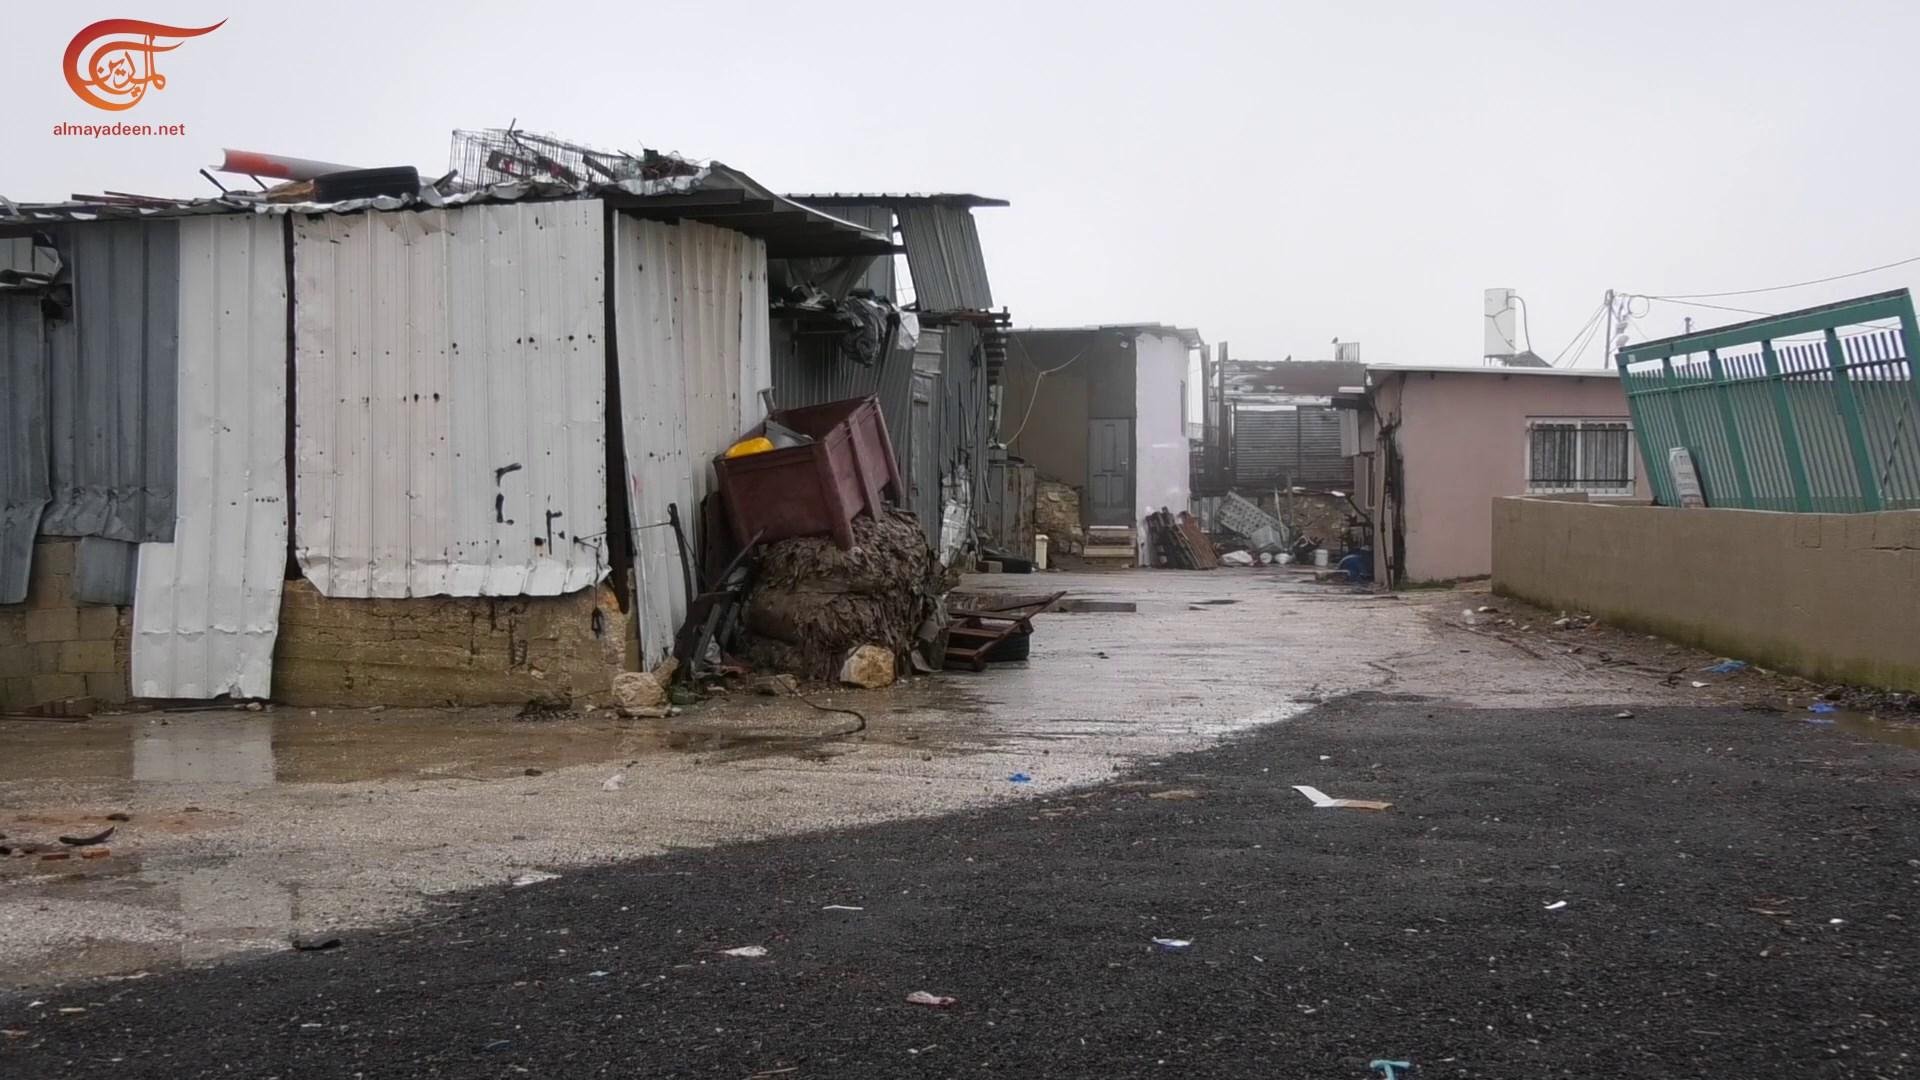 """""""بيت سكاريا"""".. قريةٌ فلسطينيةٌ محاصرةٌ من 12 مستوطنة إسرائيلية"""